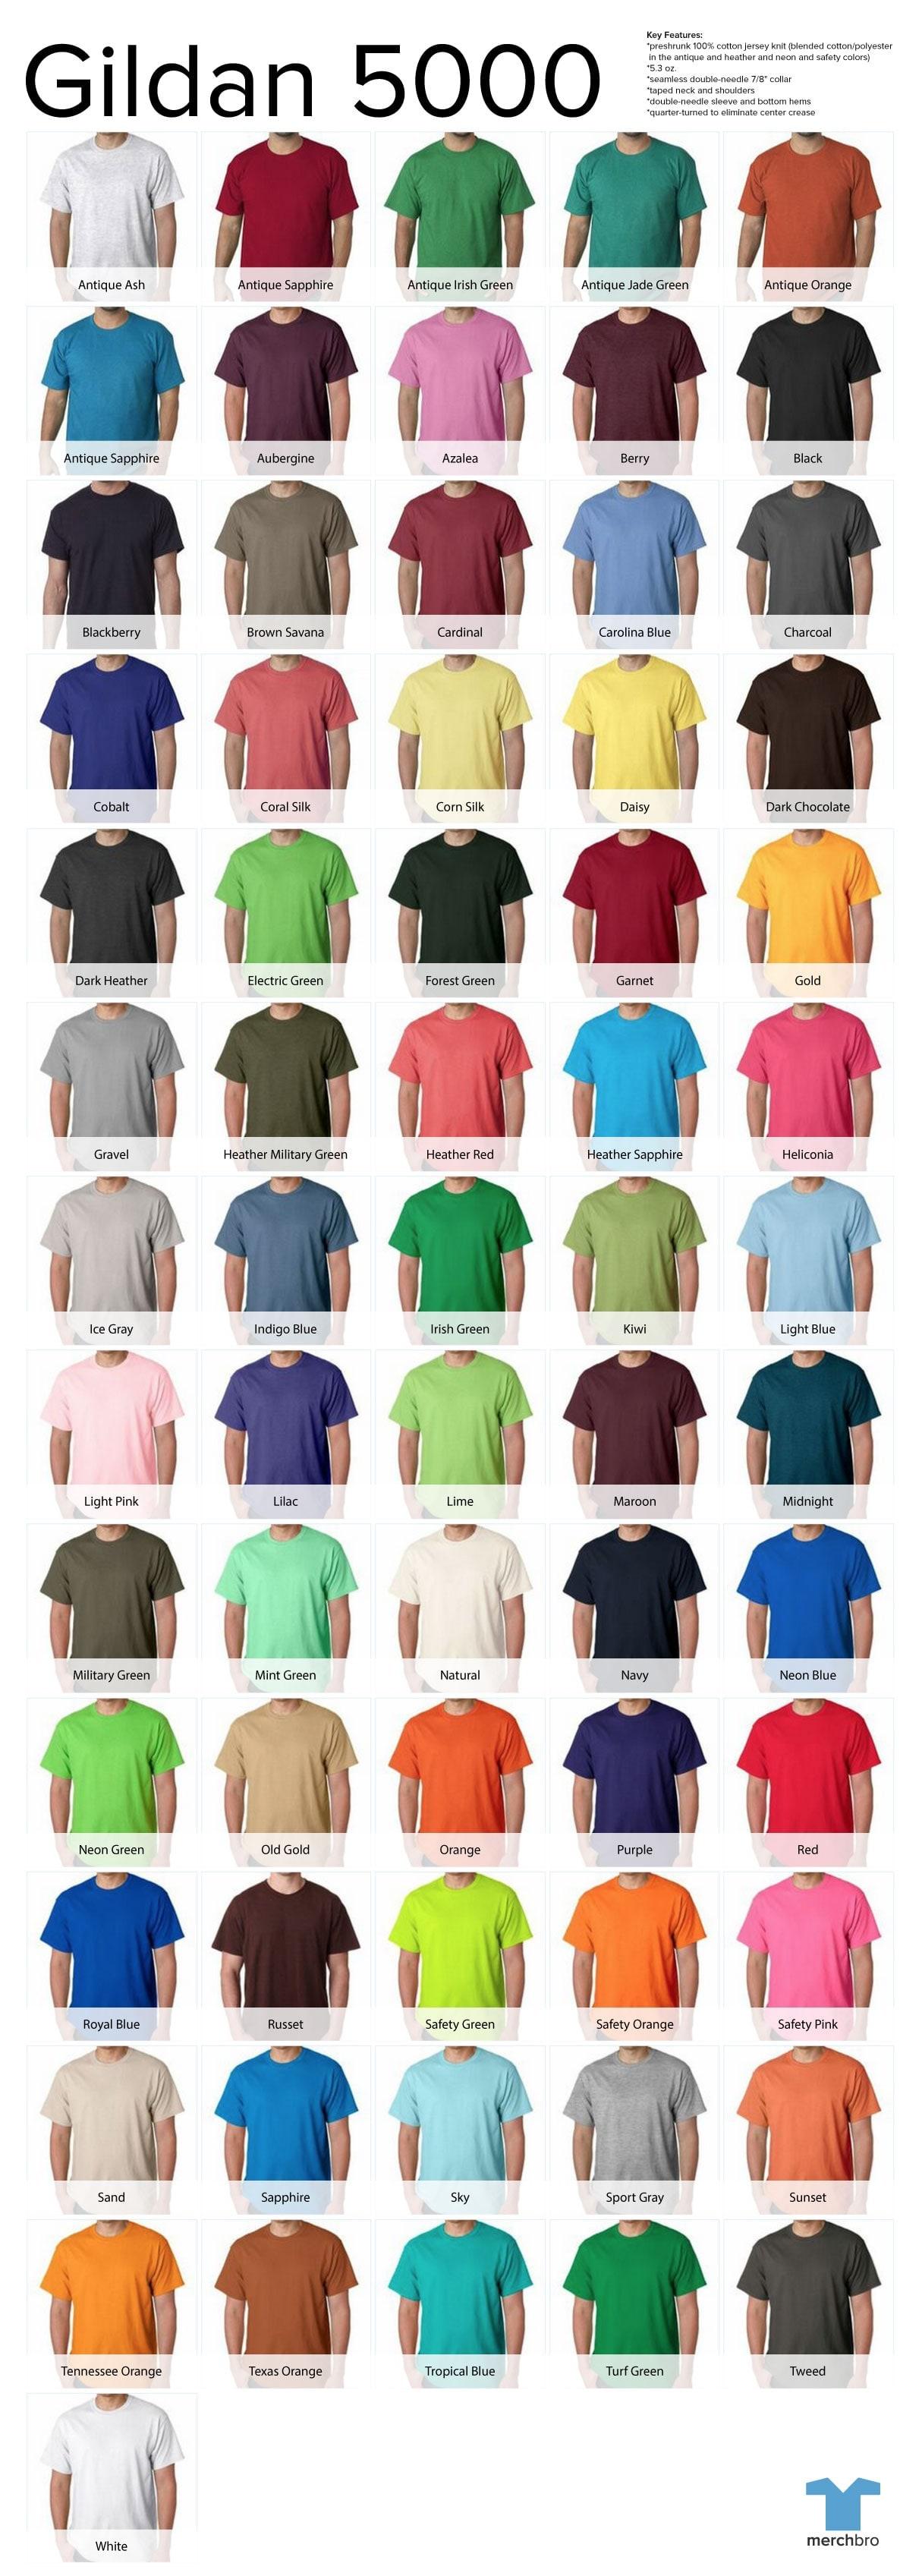 2014 Gildan T Shirt Color Chart